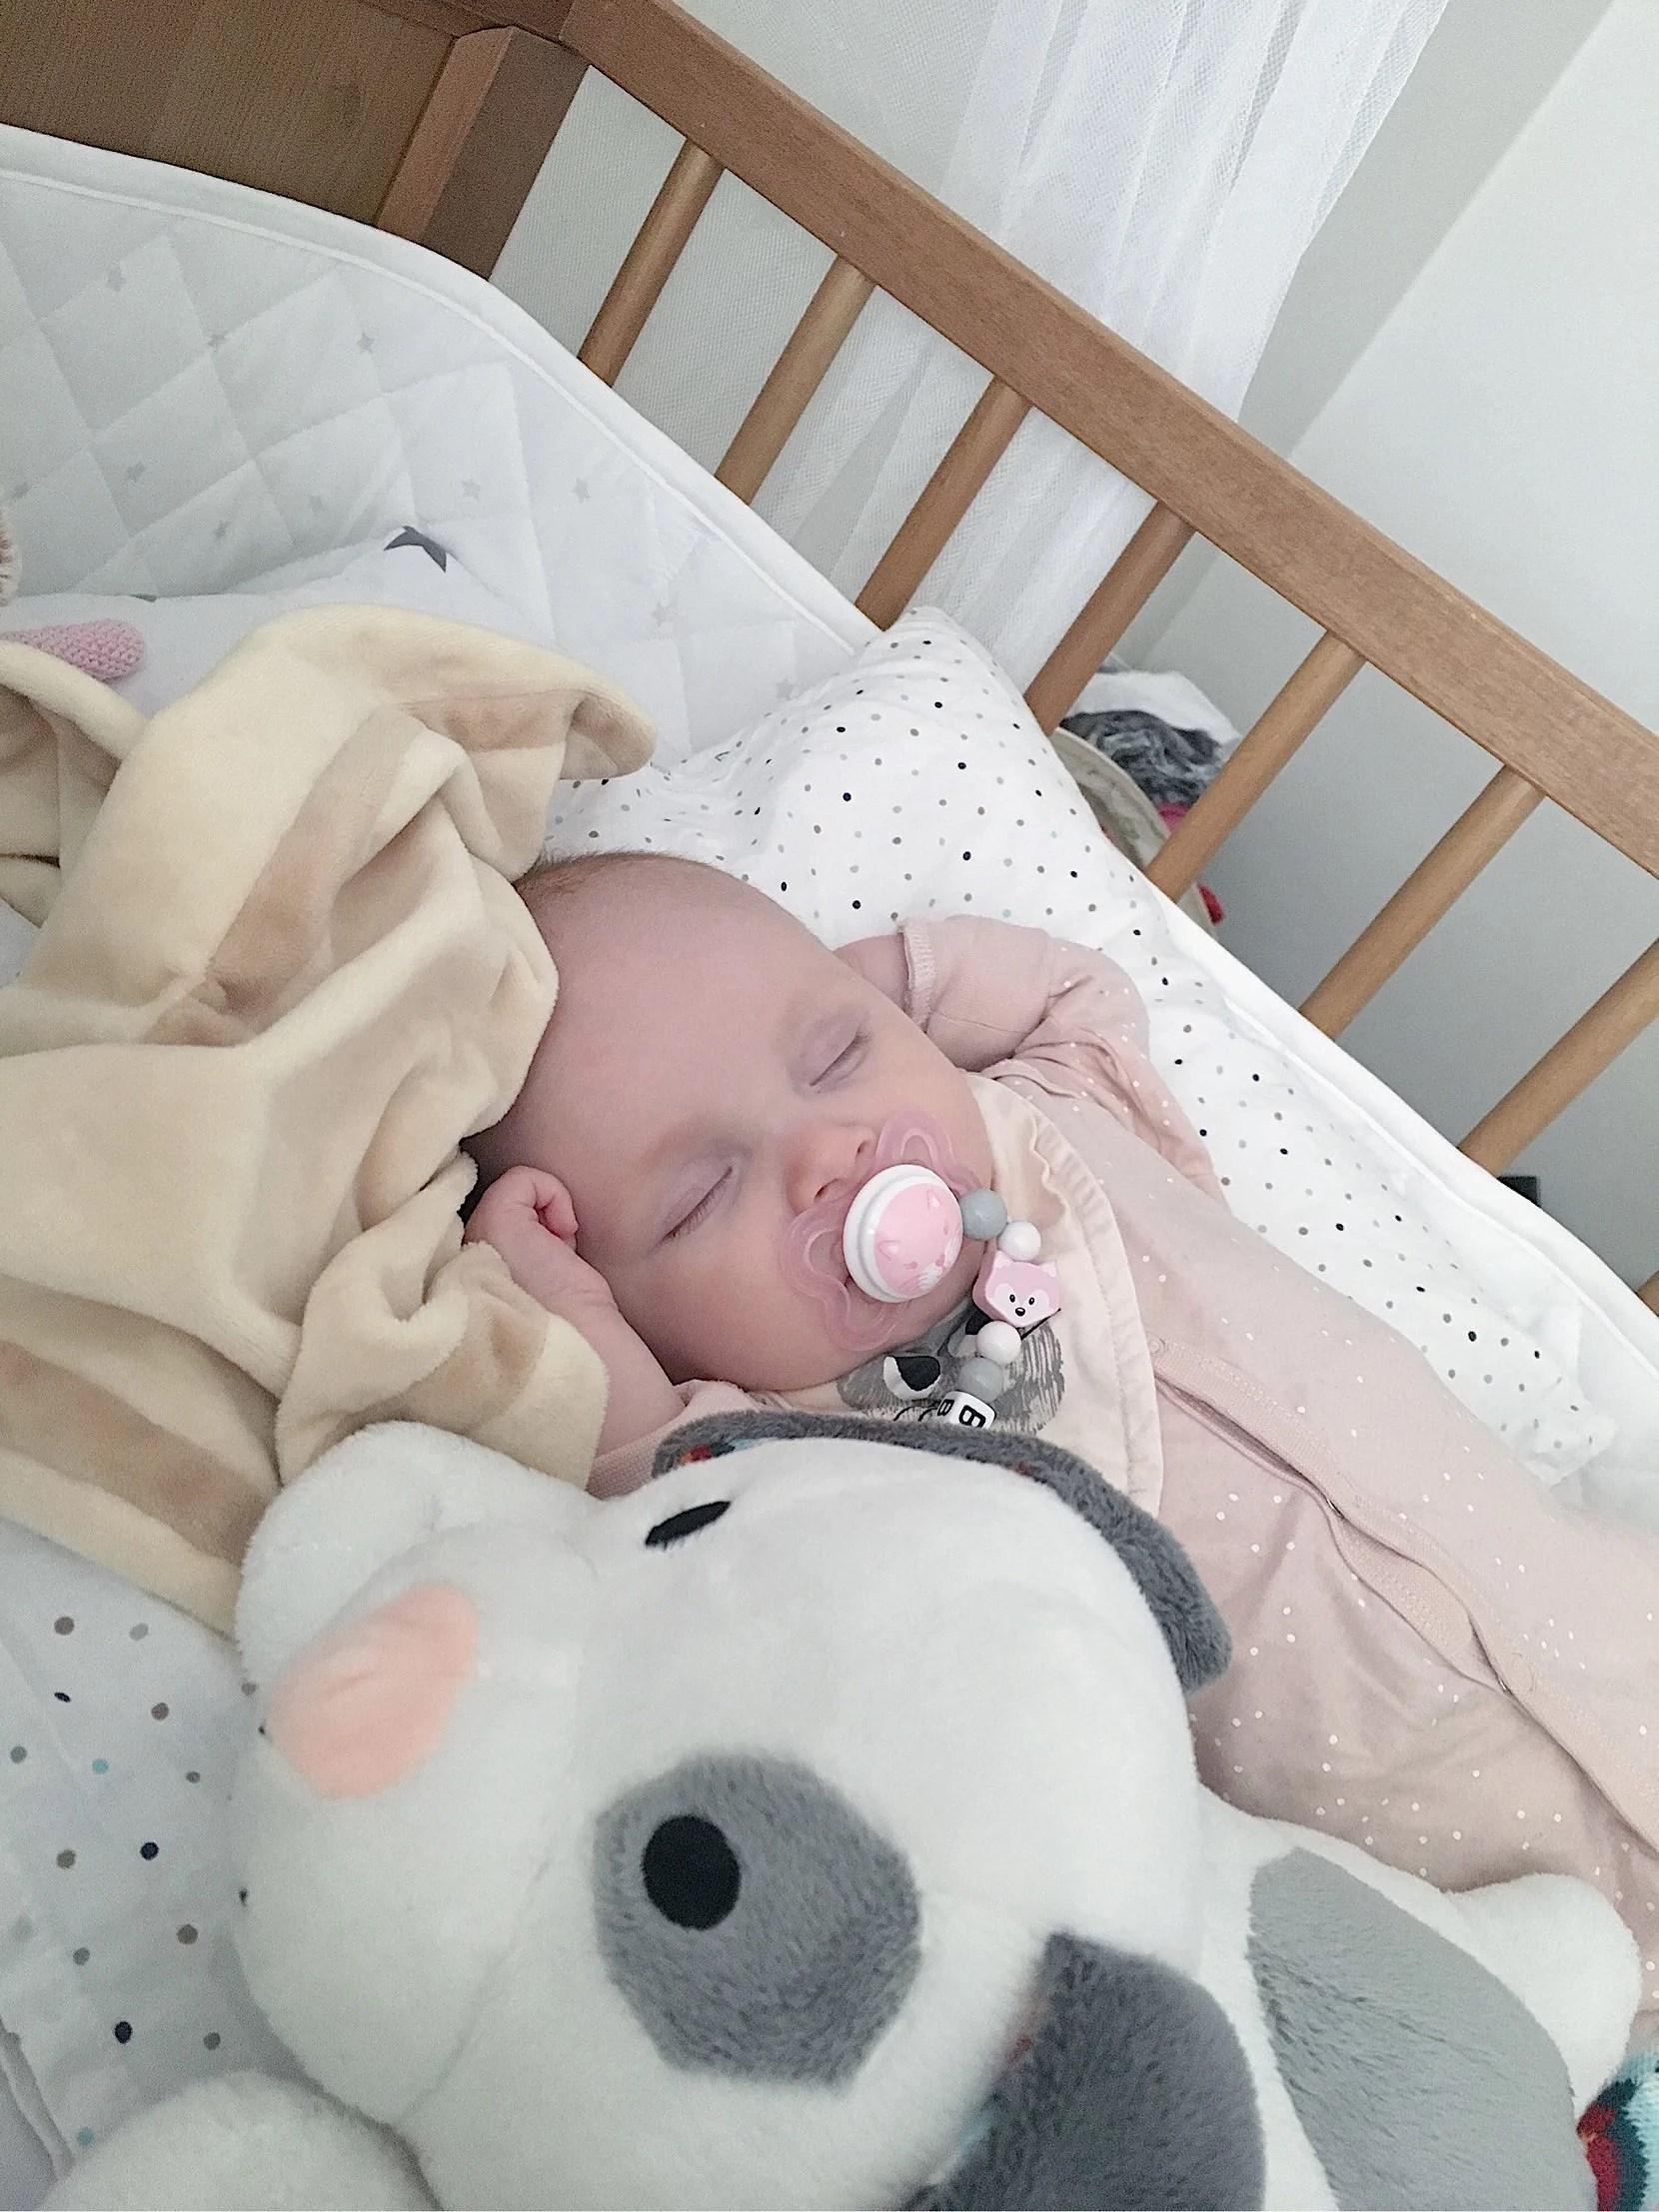 Godnatt hälsar Bianca